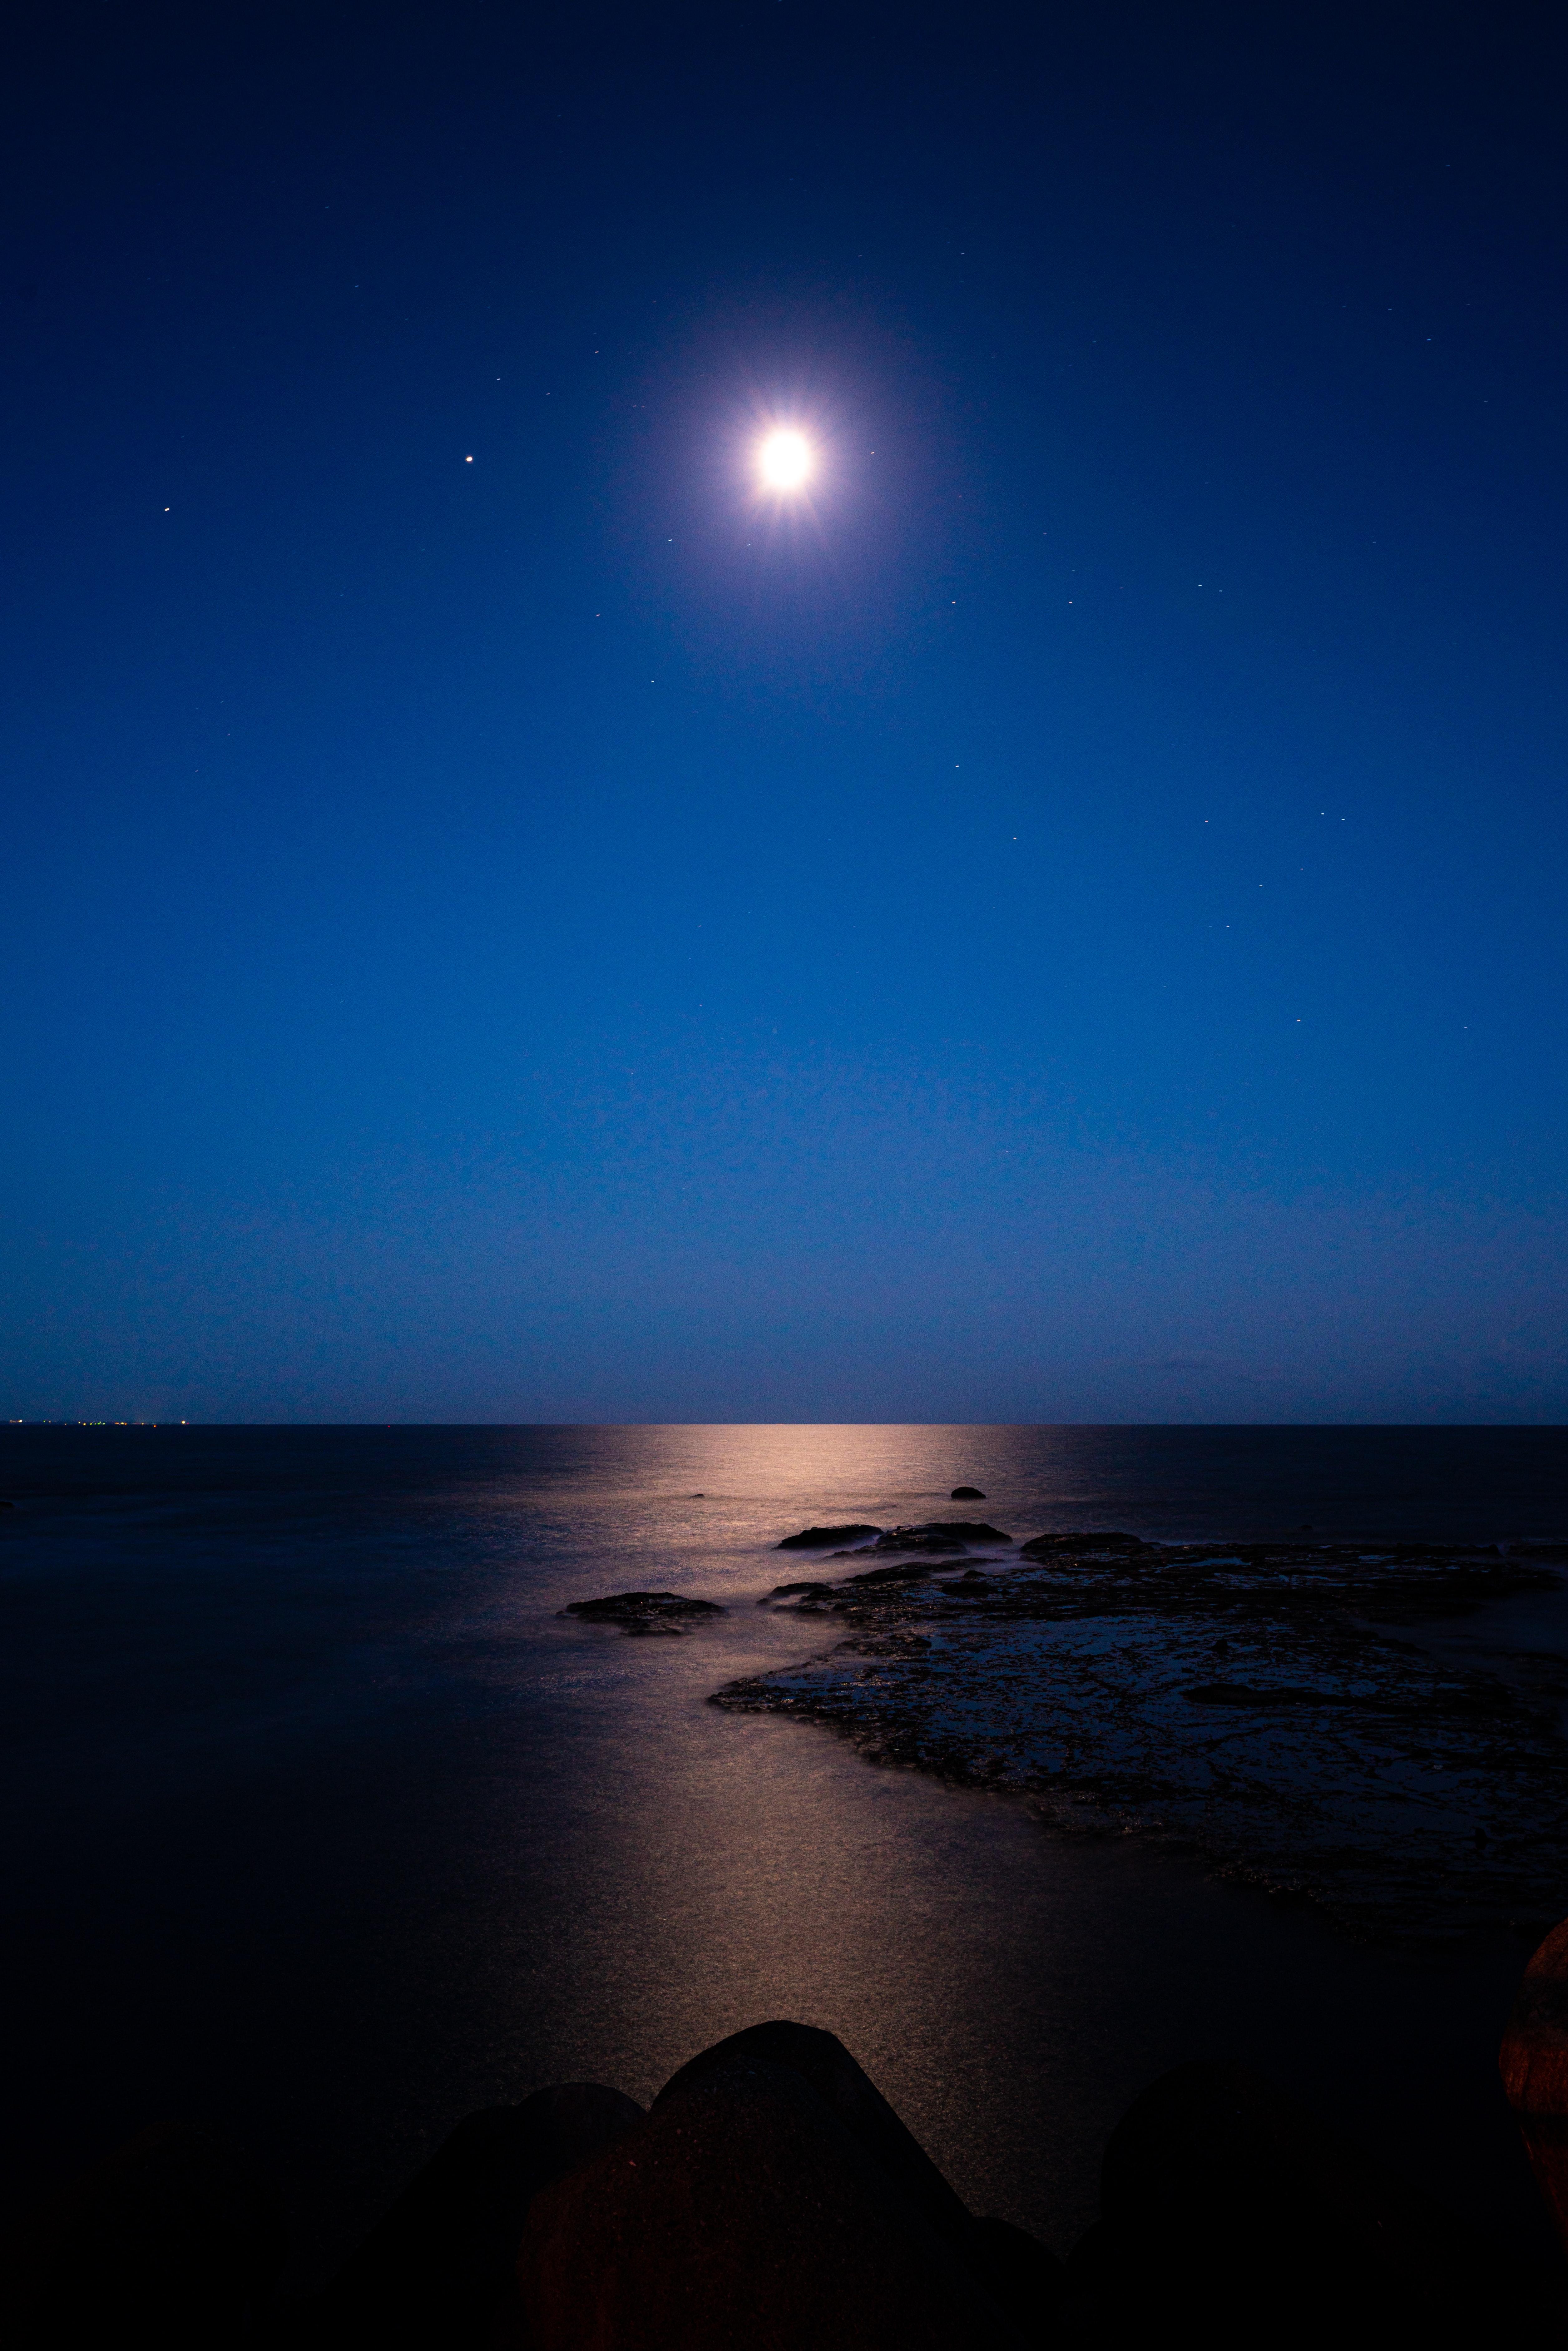 131998 免費下載壁紙 性质, 夜, 月球, 星空, 地平线, 海, 星级 屏保和圖片